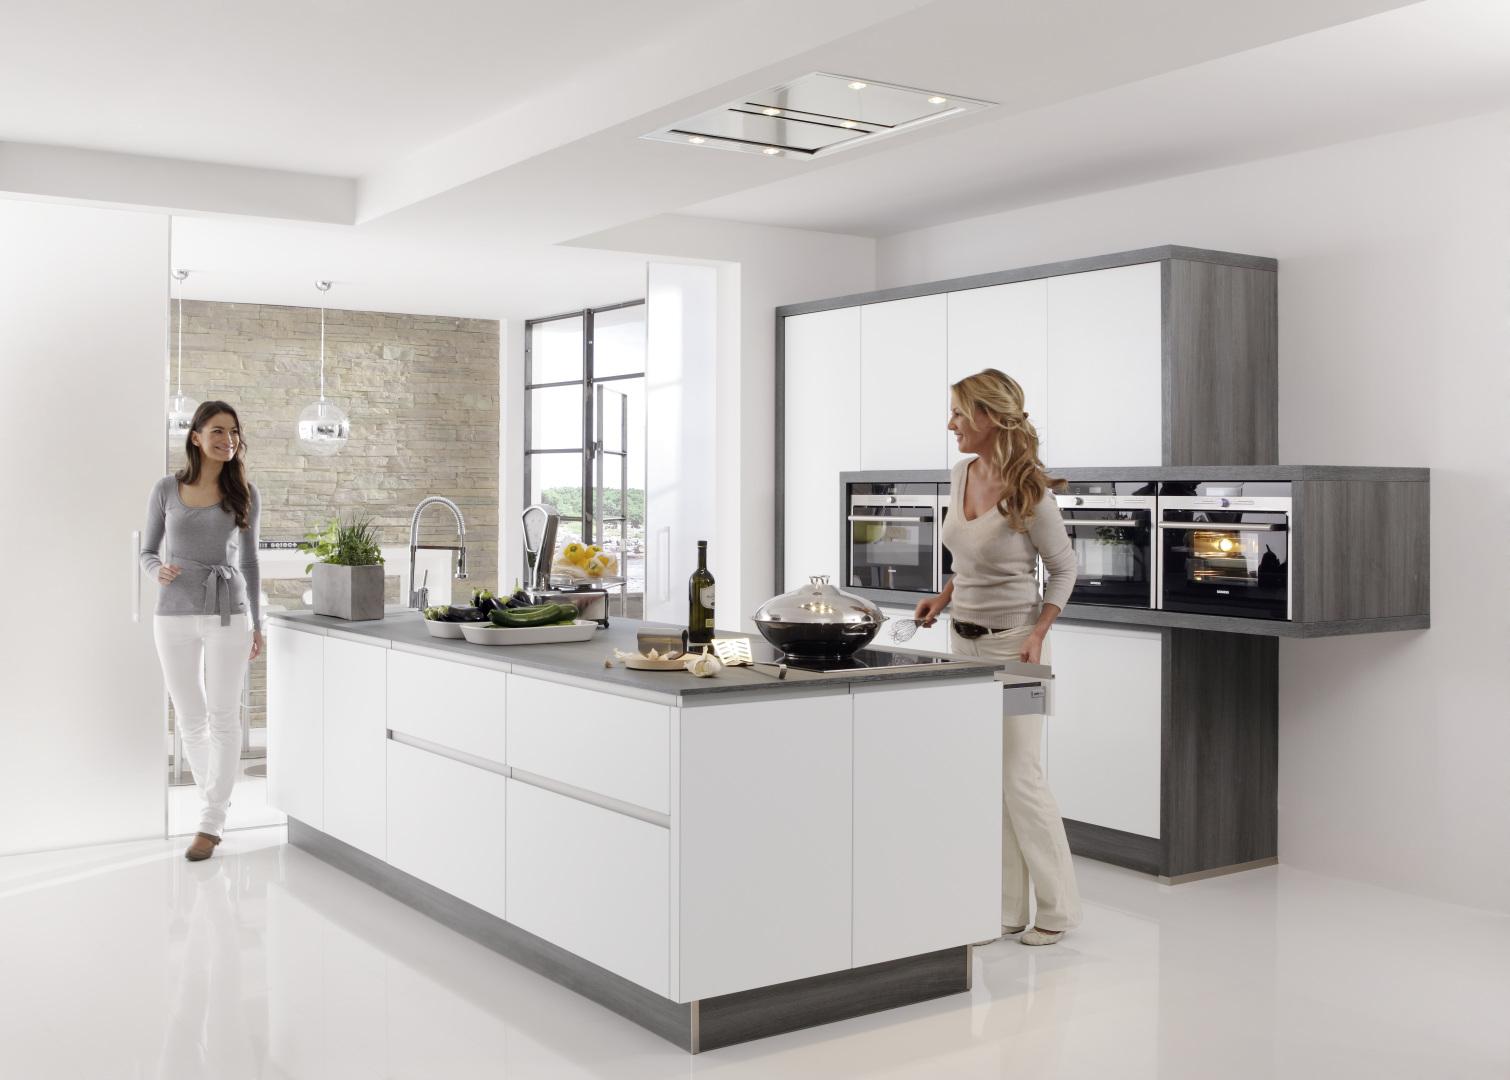 Moderne Keuken Lampen : Keukenverlichting een ideale mix van sfeer functionaliteit